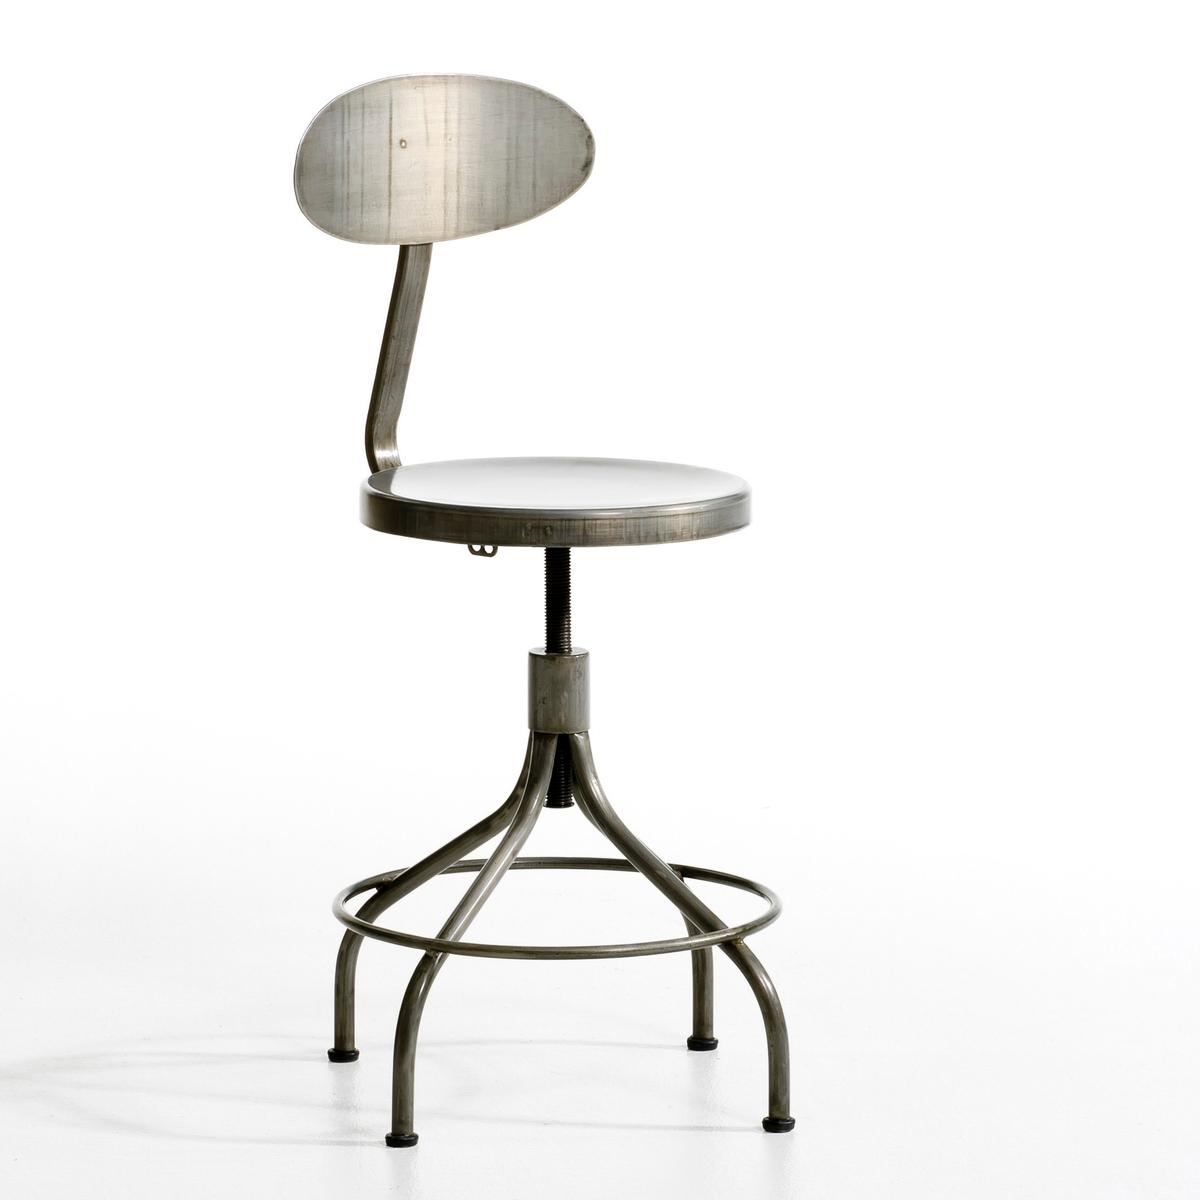 Стул высокий, AlliageСтул высокий Alliage . Этот удобный и прочный стул, выполненный в духе индустриальной мебели, регулируется по высоте и вращается на 360 °.  Описание : - Из металла Размеры : - ?51 x Высота регулируется от 81 до 100 см - Сиденье : 35 см x Высота регулируется от 45 до 64 см<br><br>Цвет: стальной